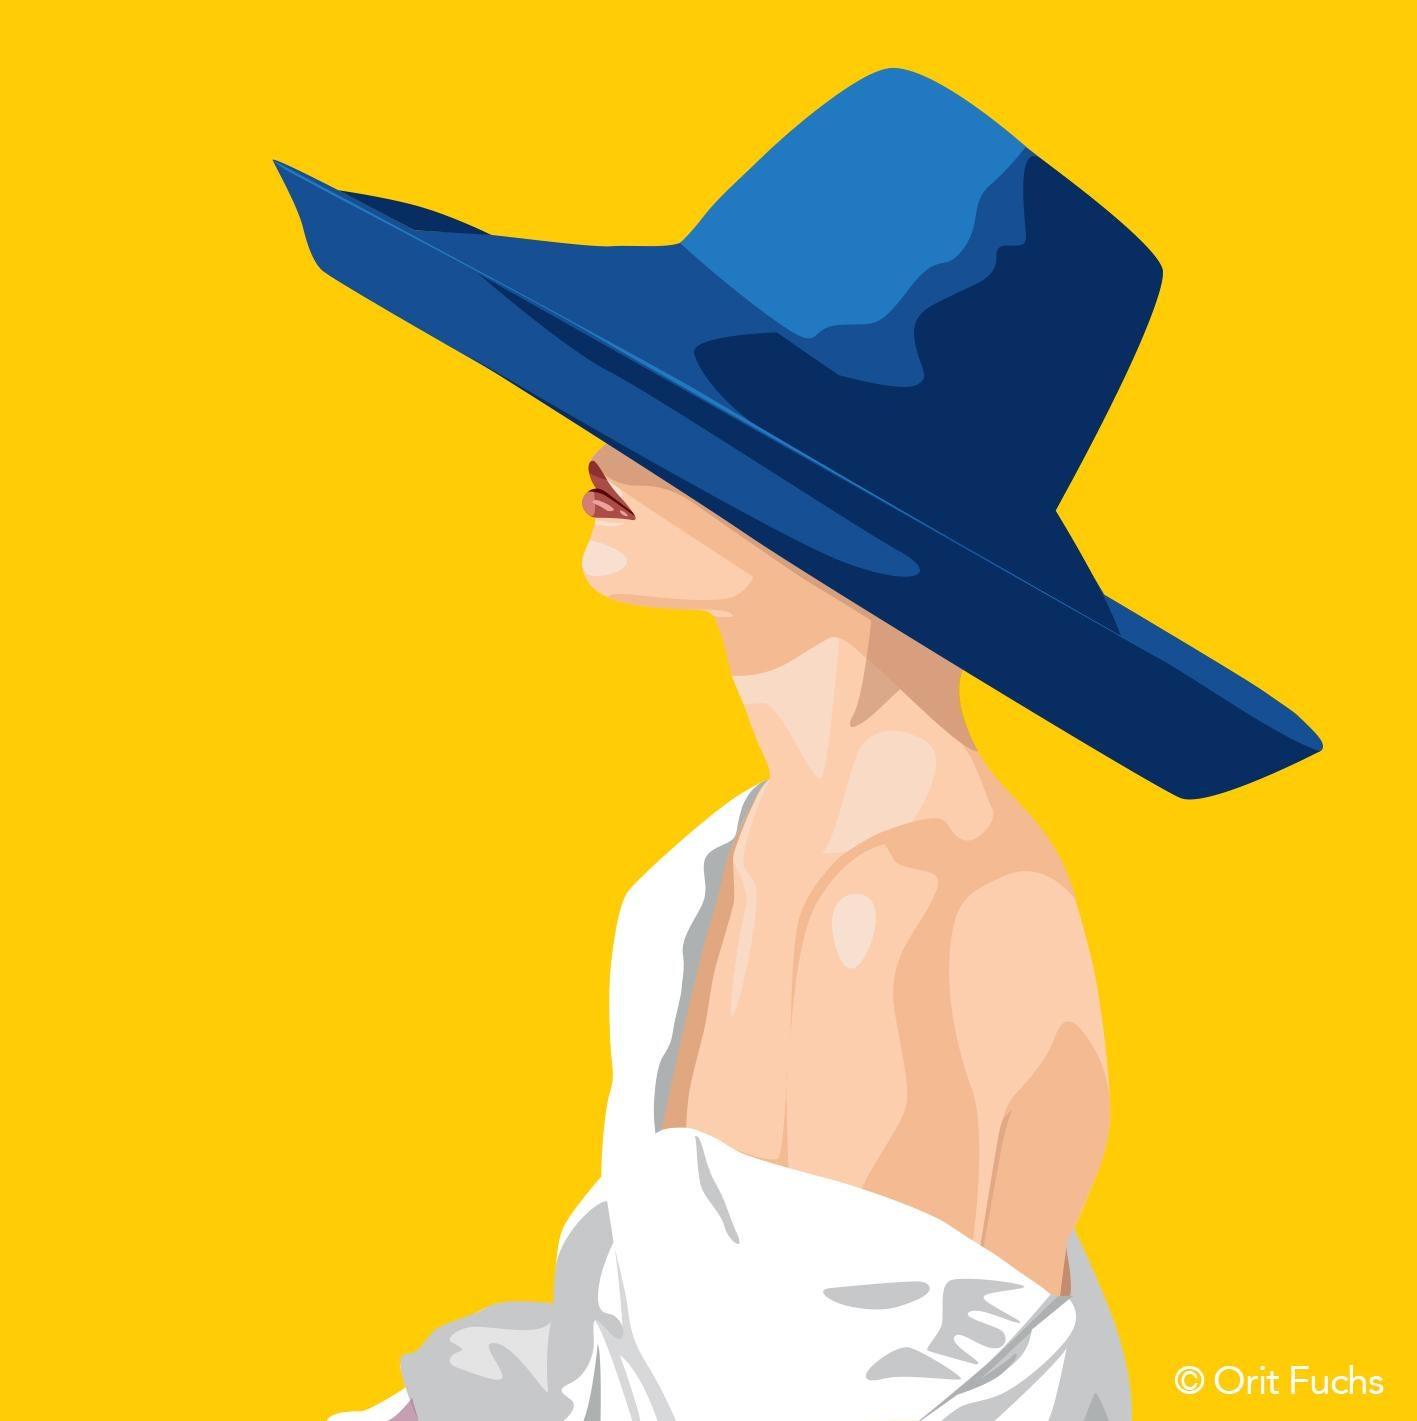 Orit Fuchs: Vivid 50 - Giclee print on canvas female figure painting